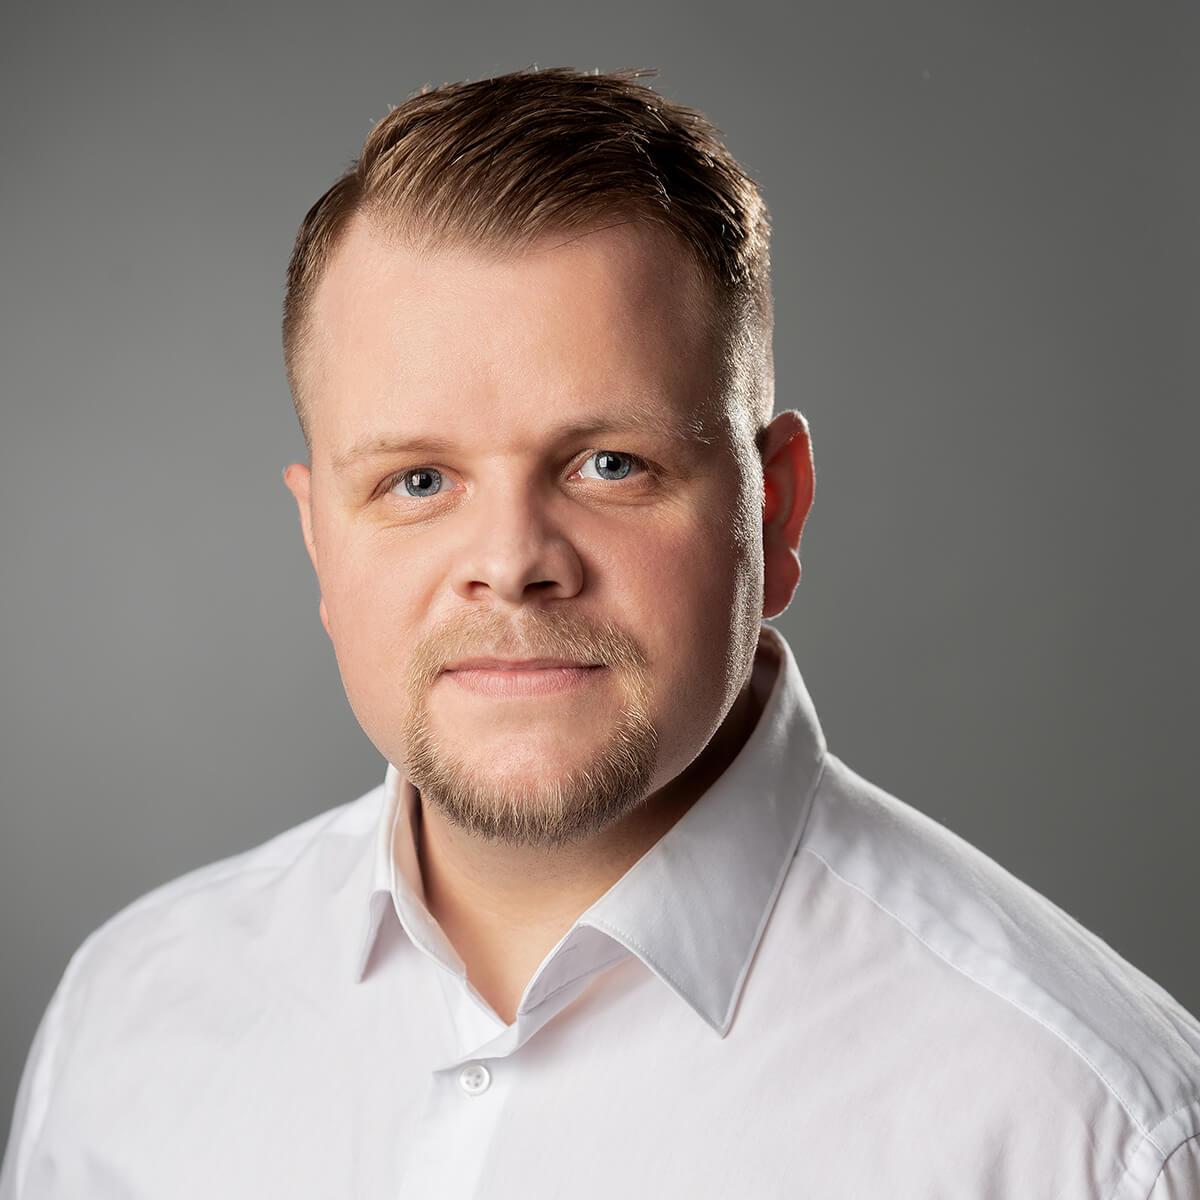 Friseurmeister Oliver Matzke